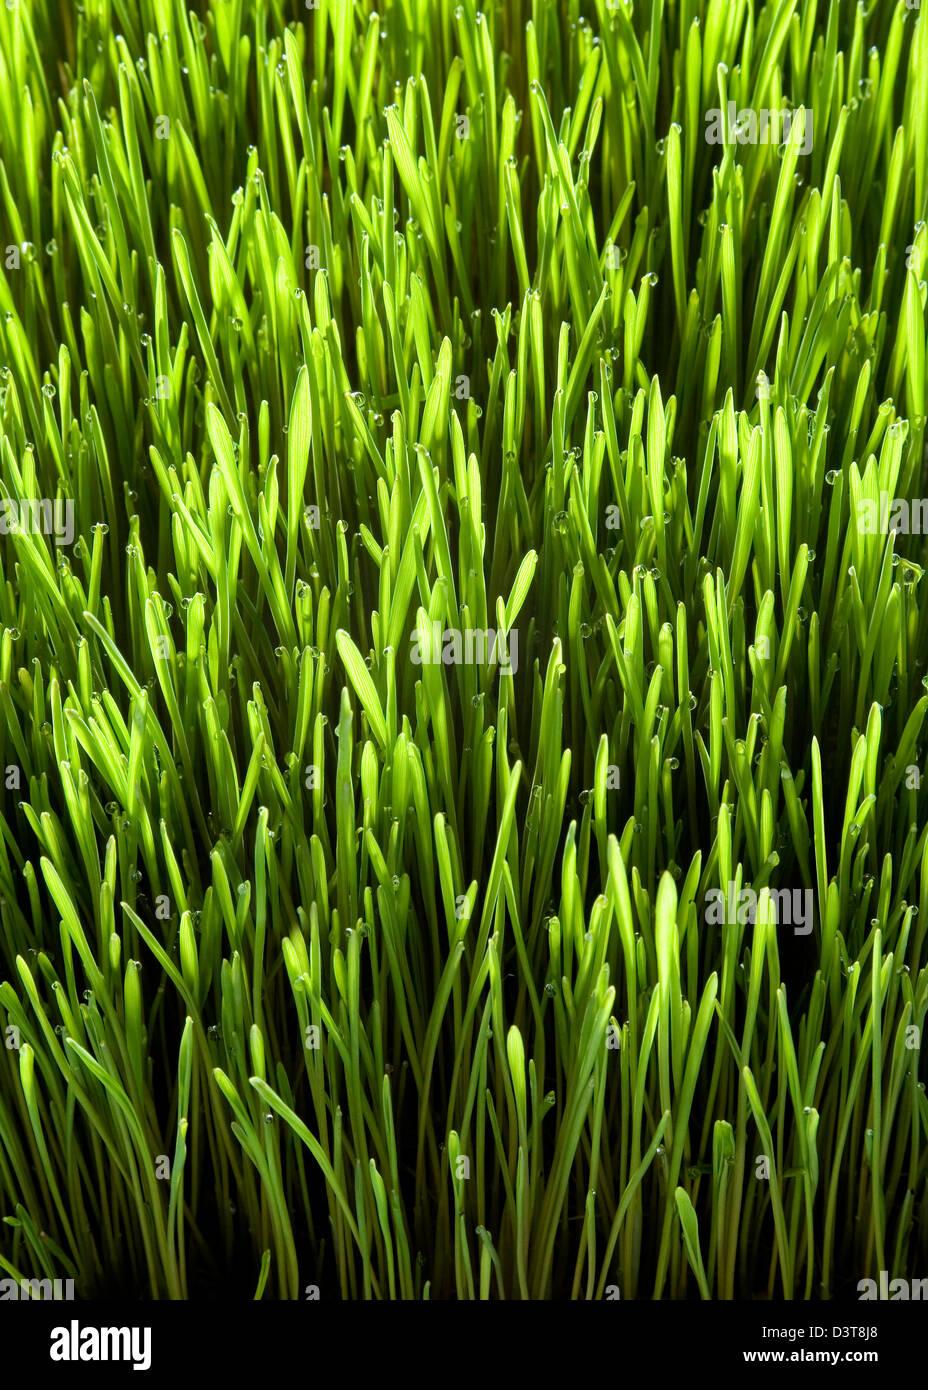 Fresco verde Wheatgrass - close up Immagini Stock